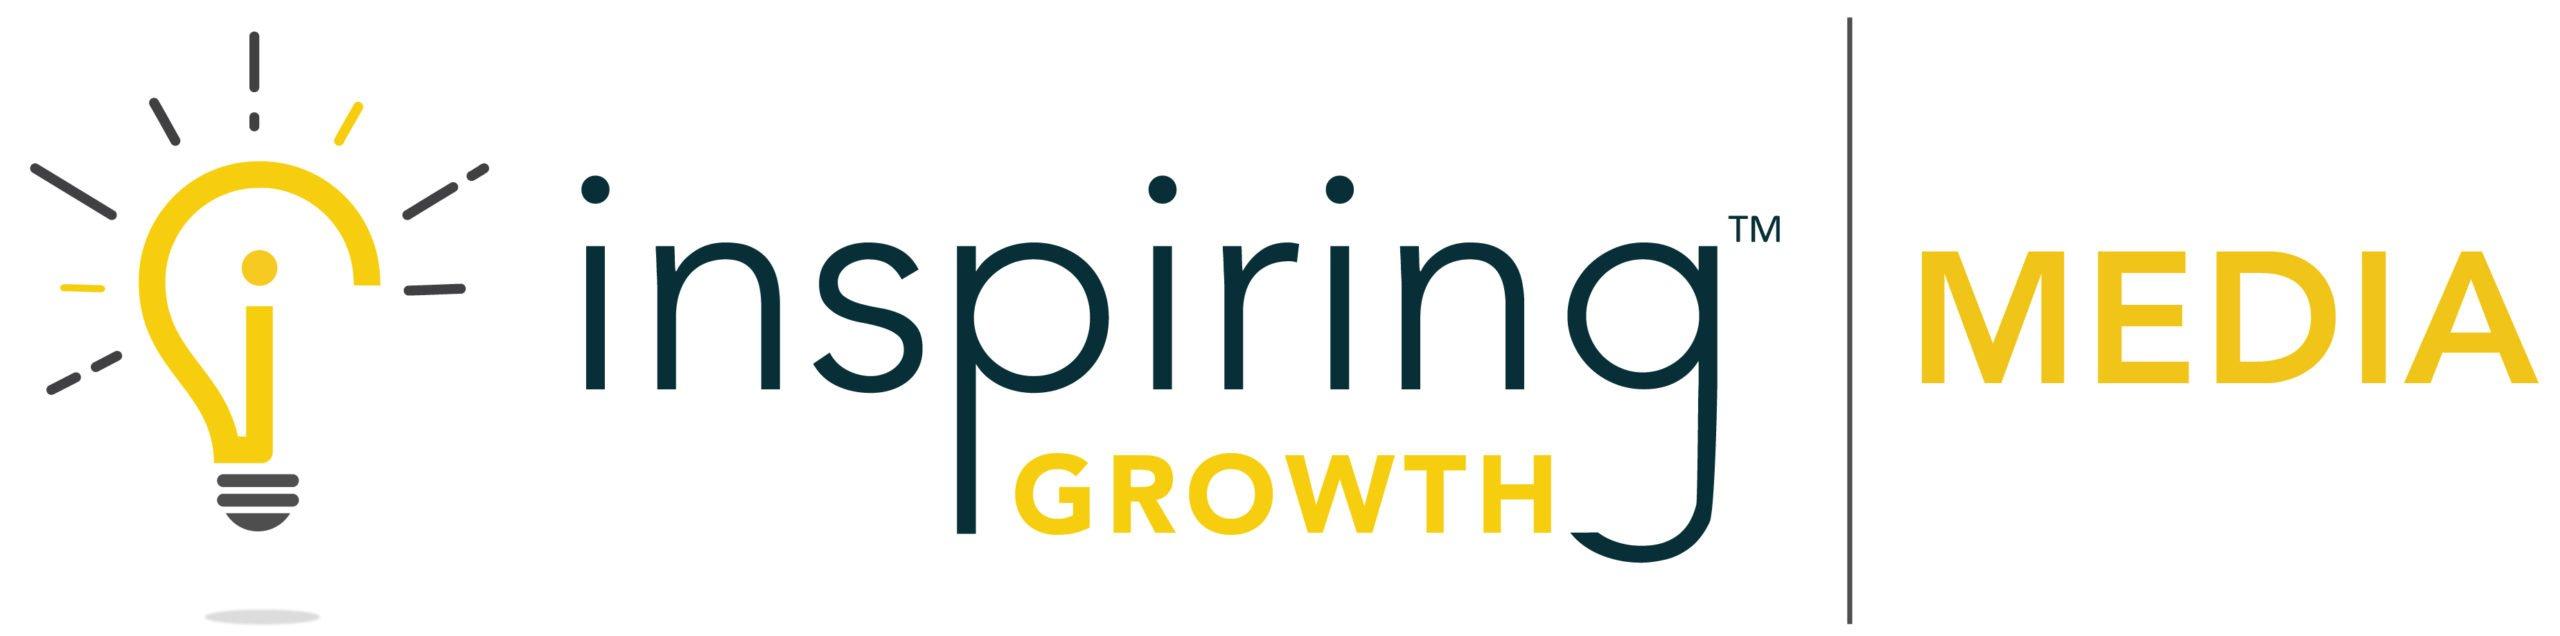 Inspiring Growth Media